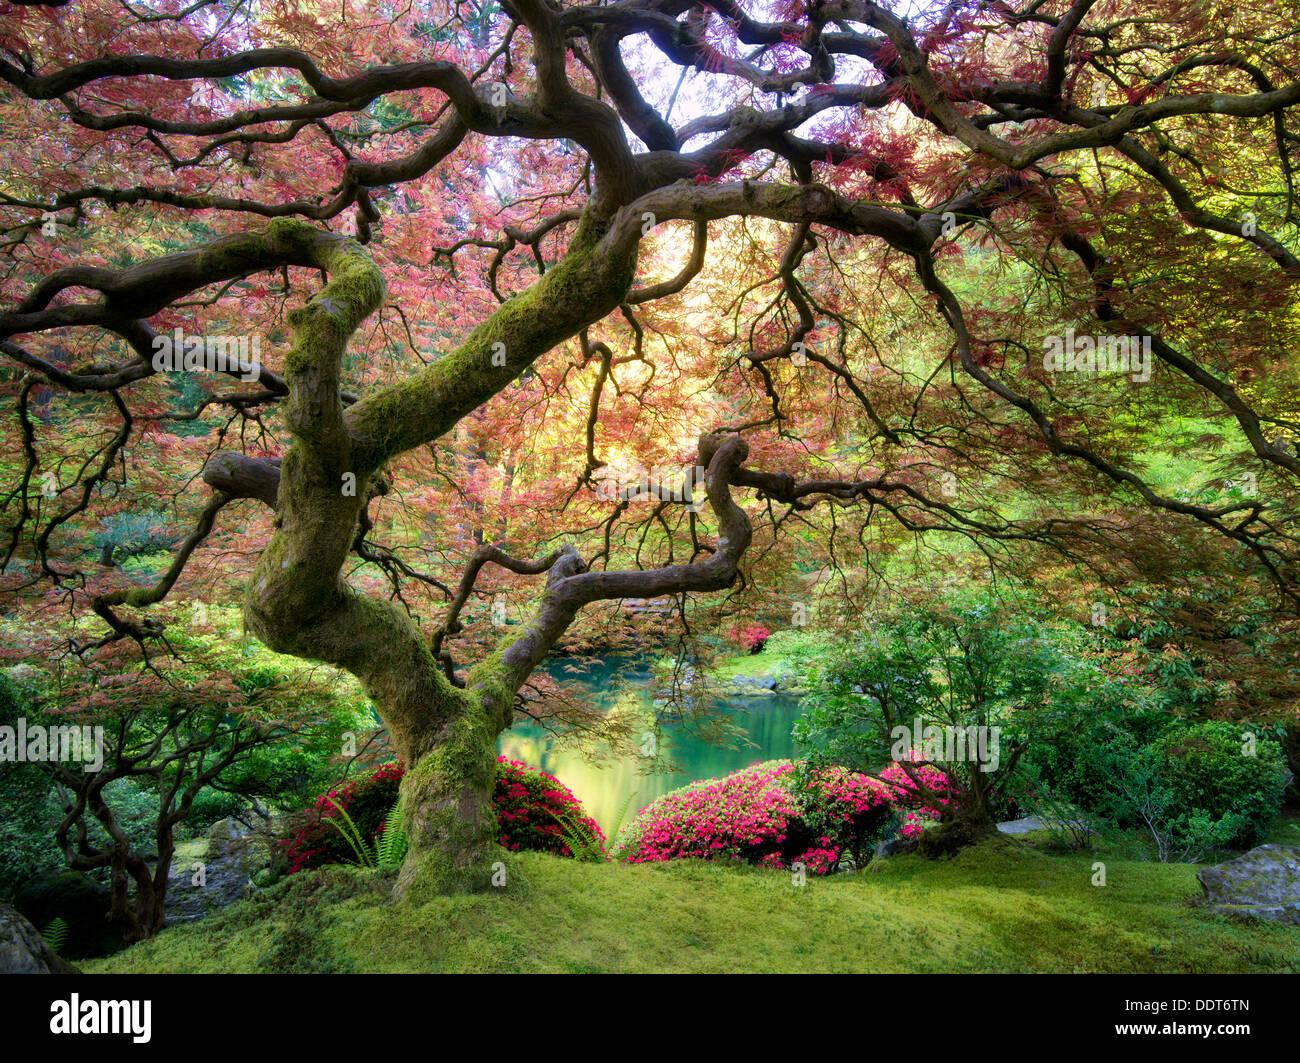 Érable japonais avec une nouvelle croissance. Jardin japonais de Portland, Oregon Photo Stock